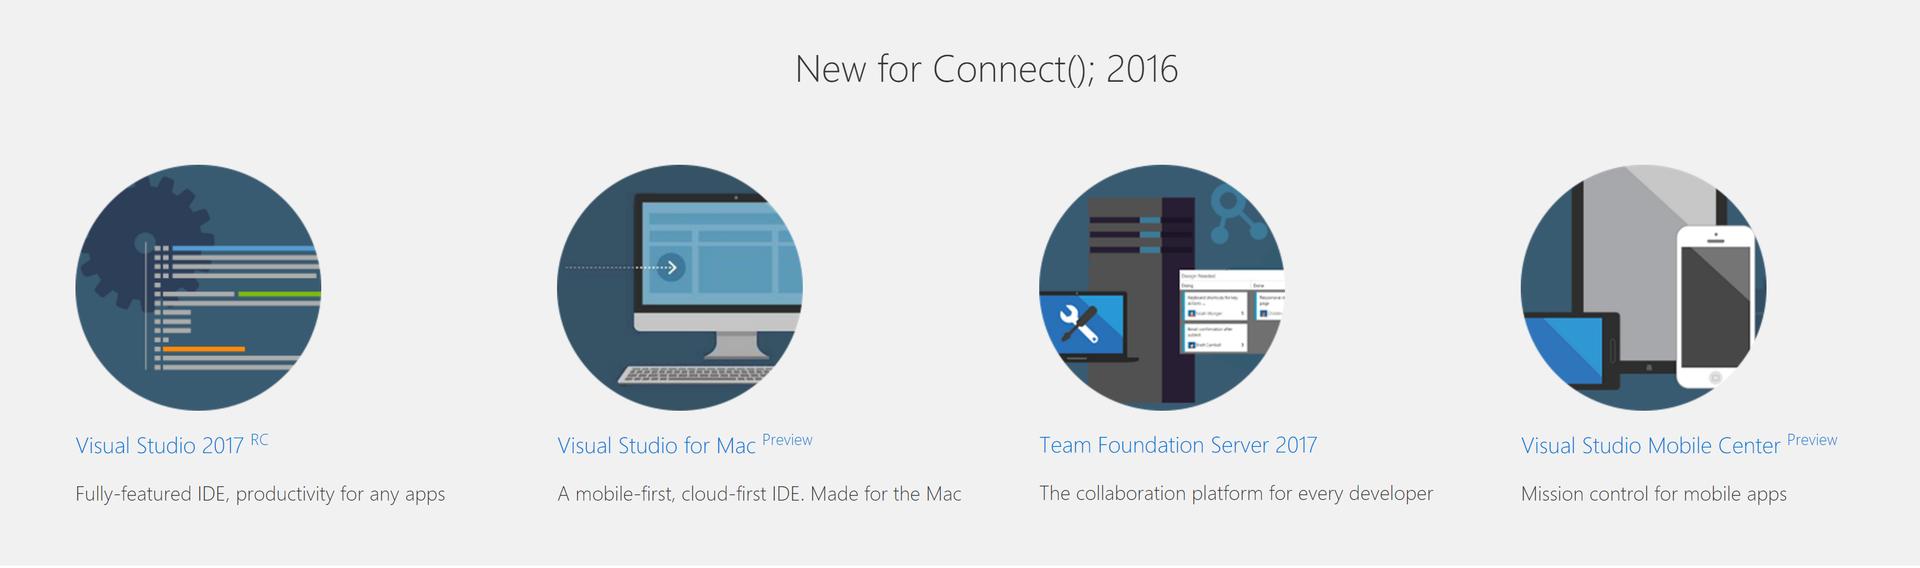 Visual Studio для Mac и другие новости конференции Connect(); --2016 - 1